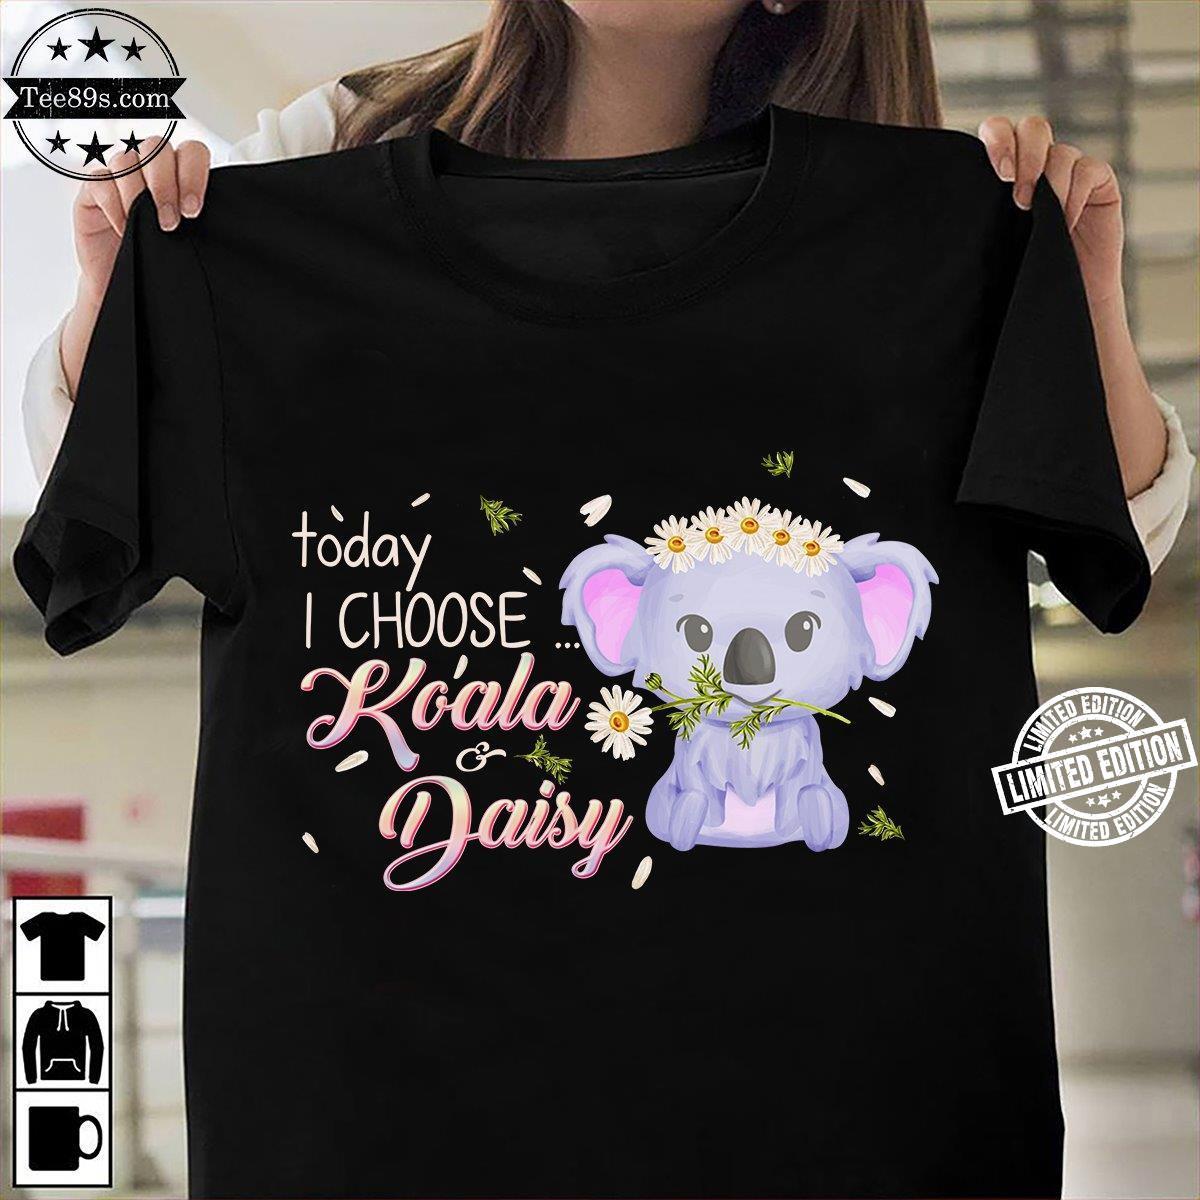 Today I choose koala daisy shirt